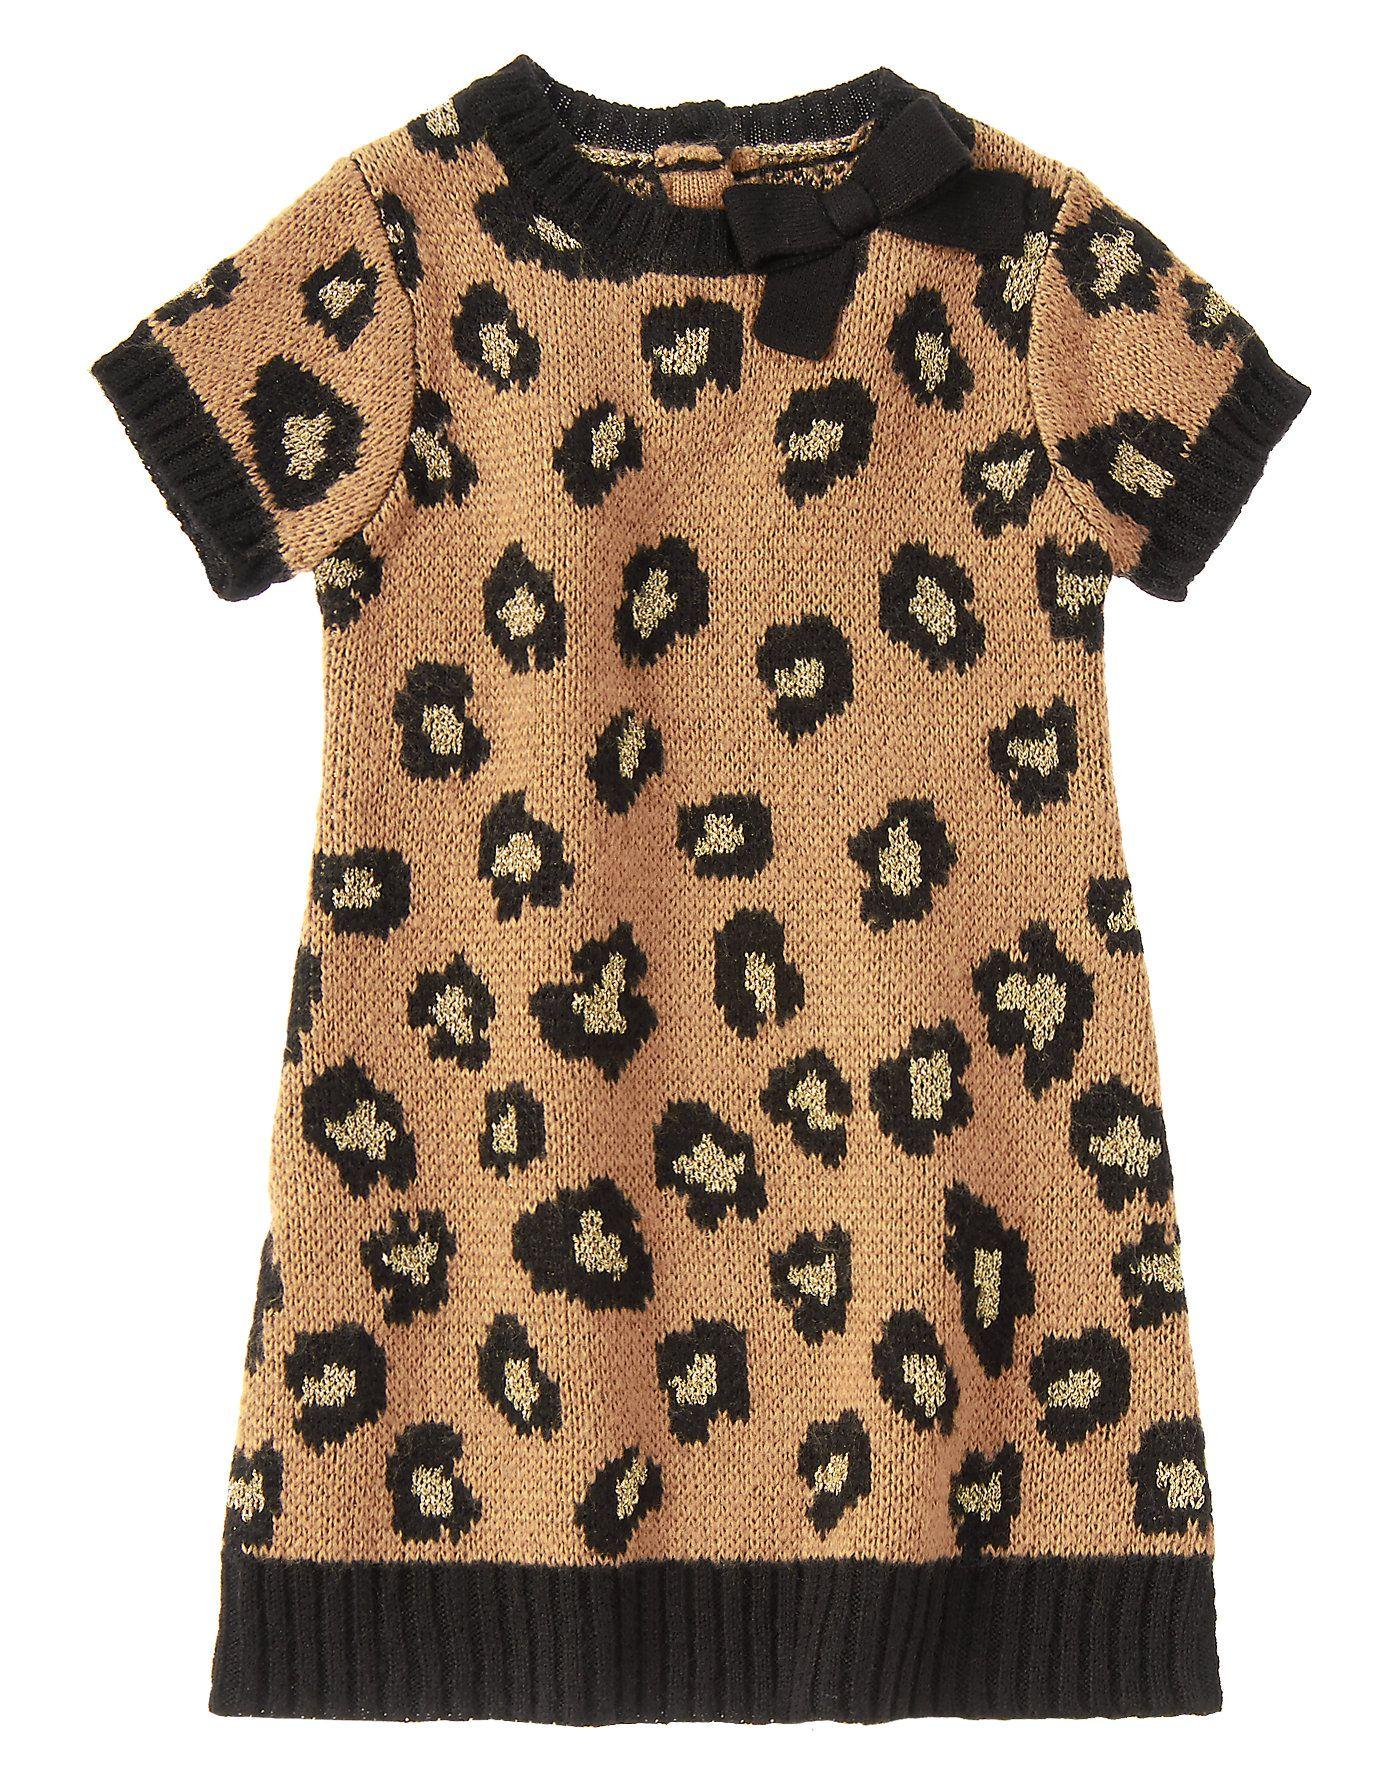 d83f97def27 Leopard Sweater Dress at Gymboree (Gymboree 3m-5T)